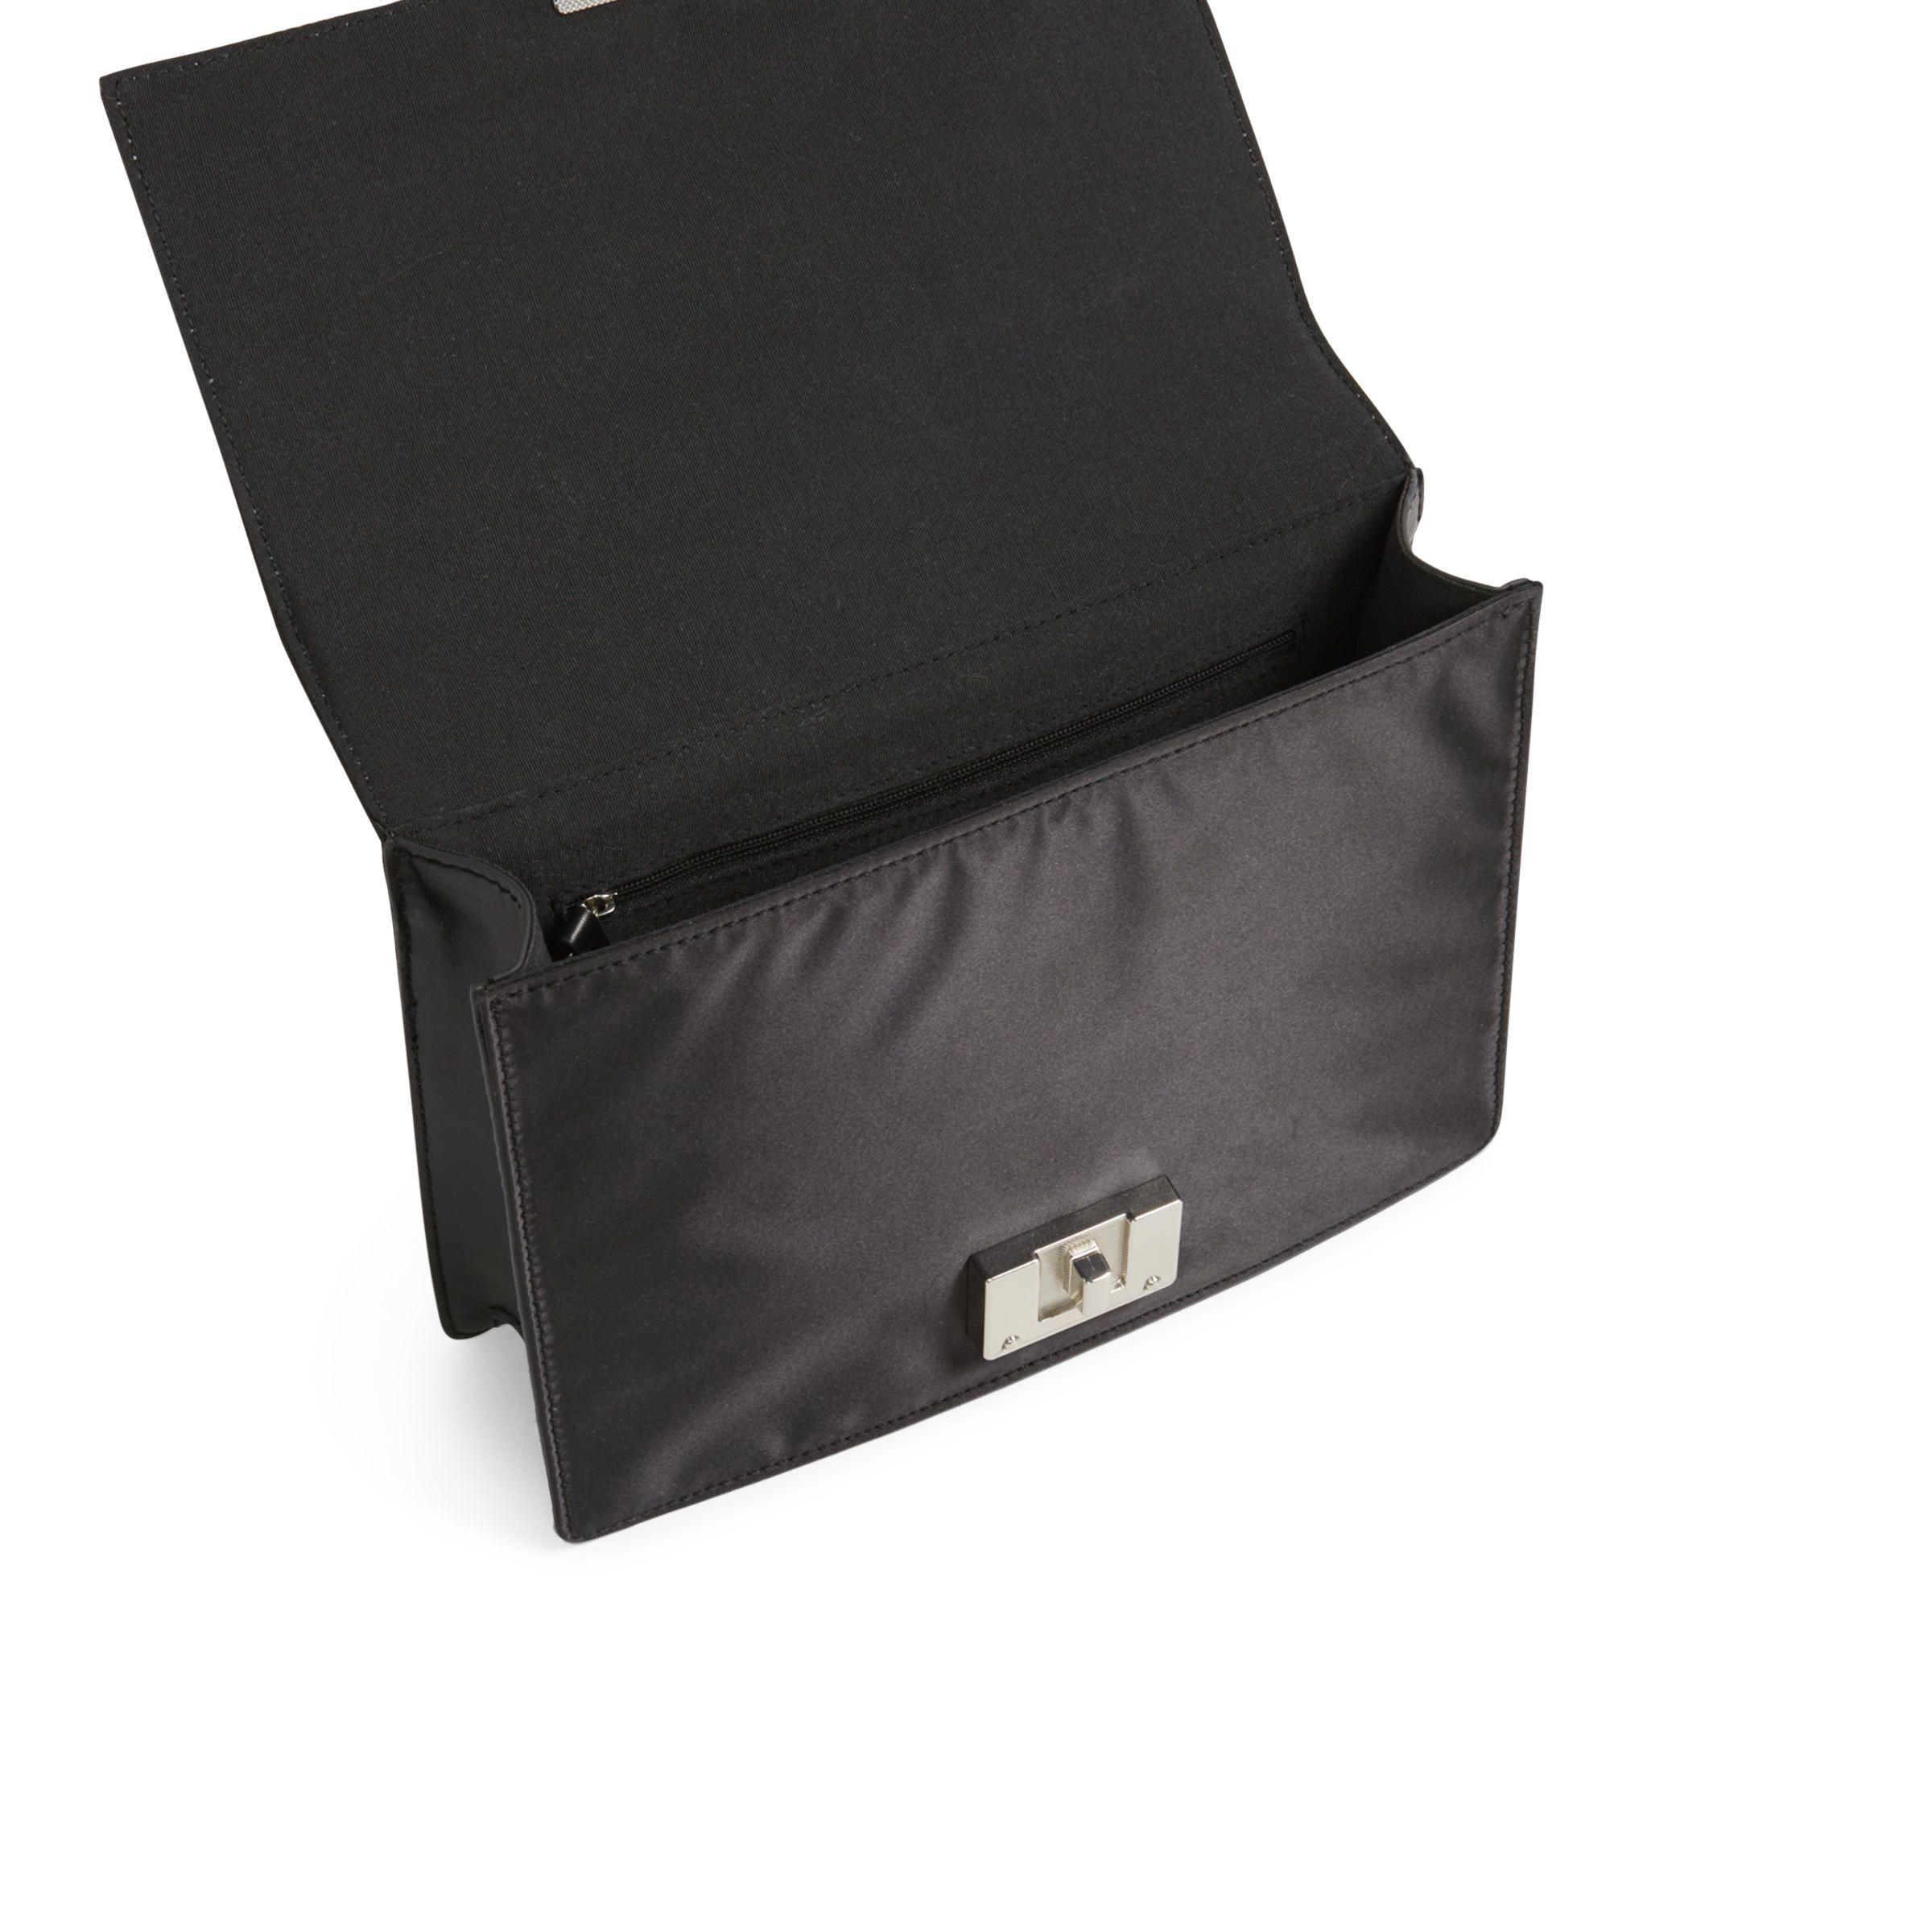 ALDO Satin Hiari Cross-body Bag in Black